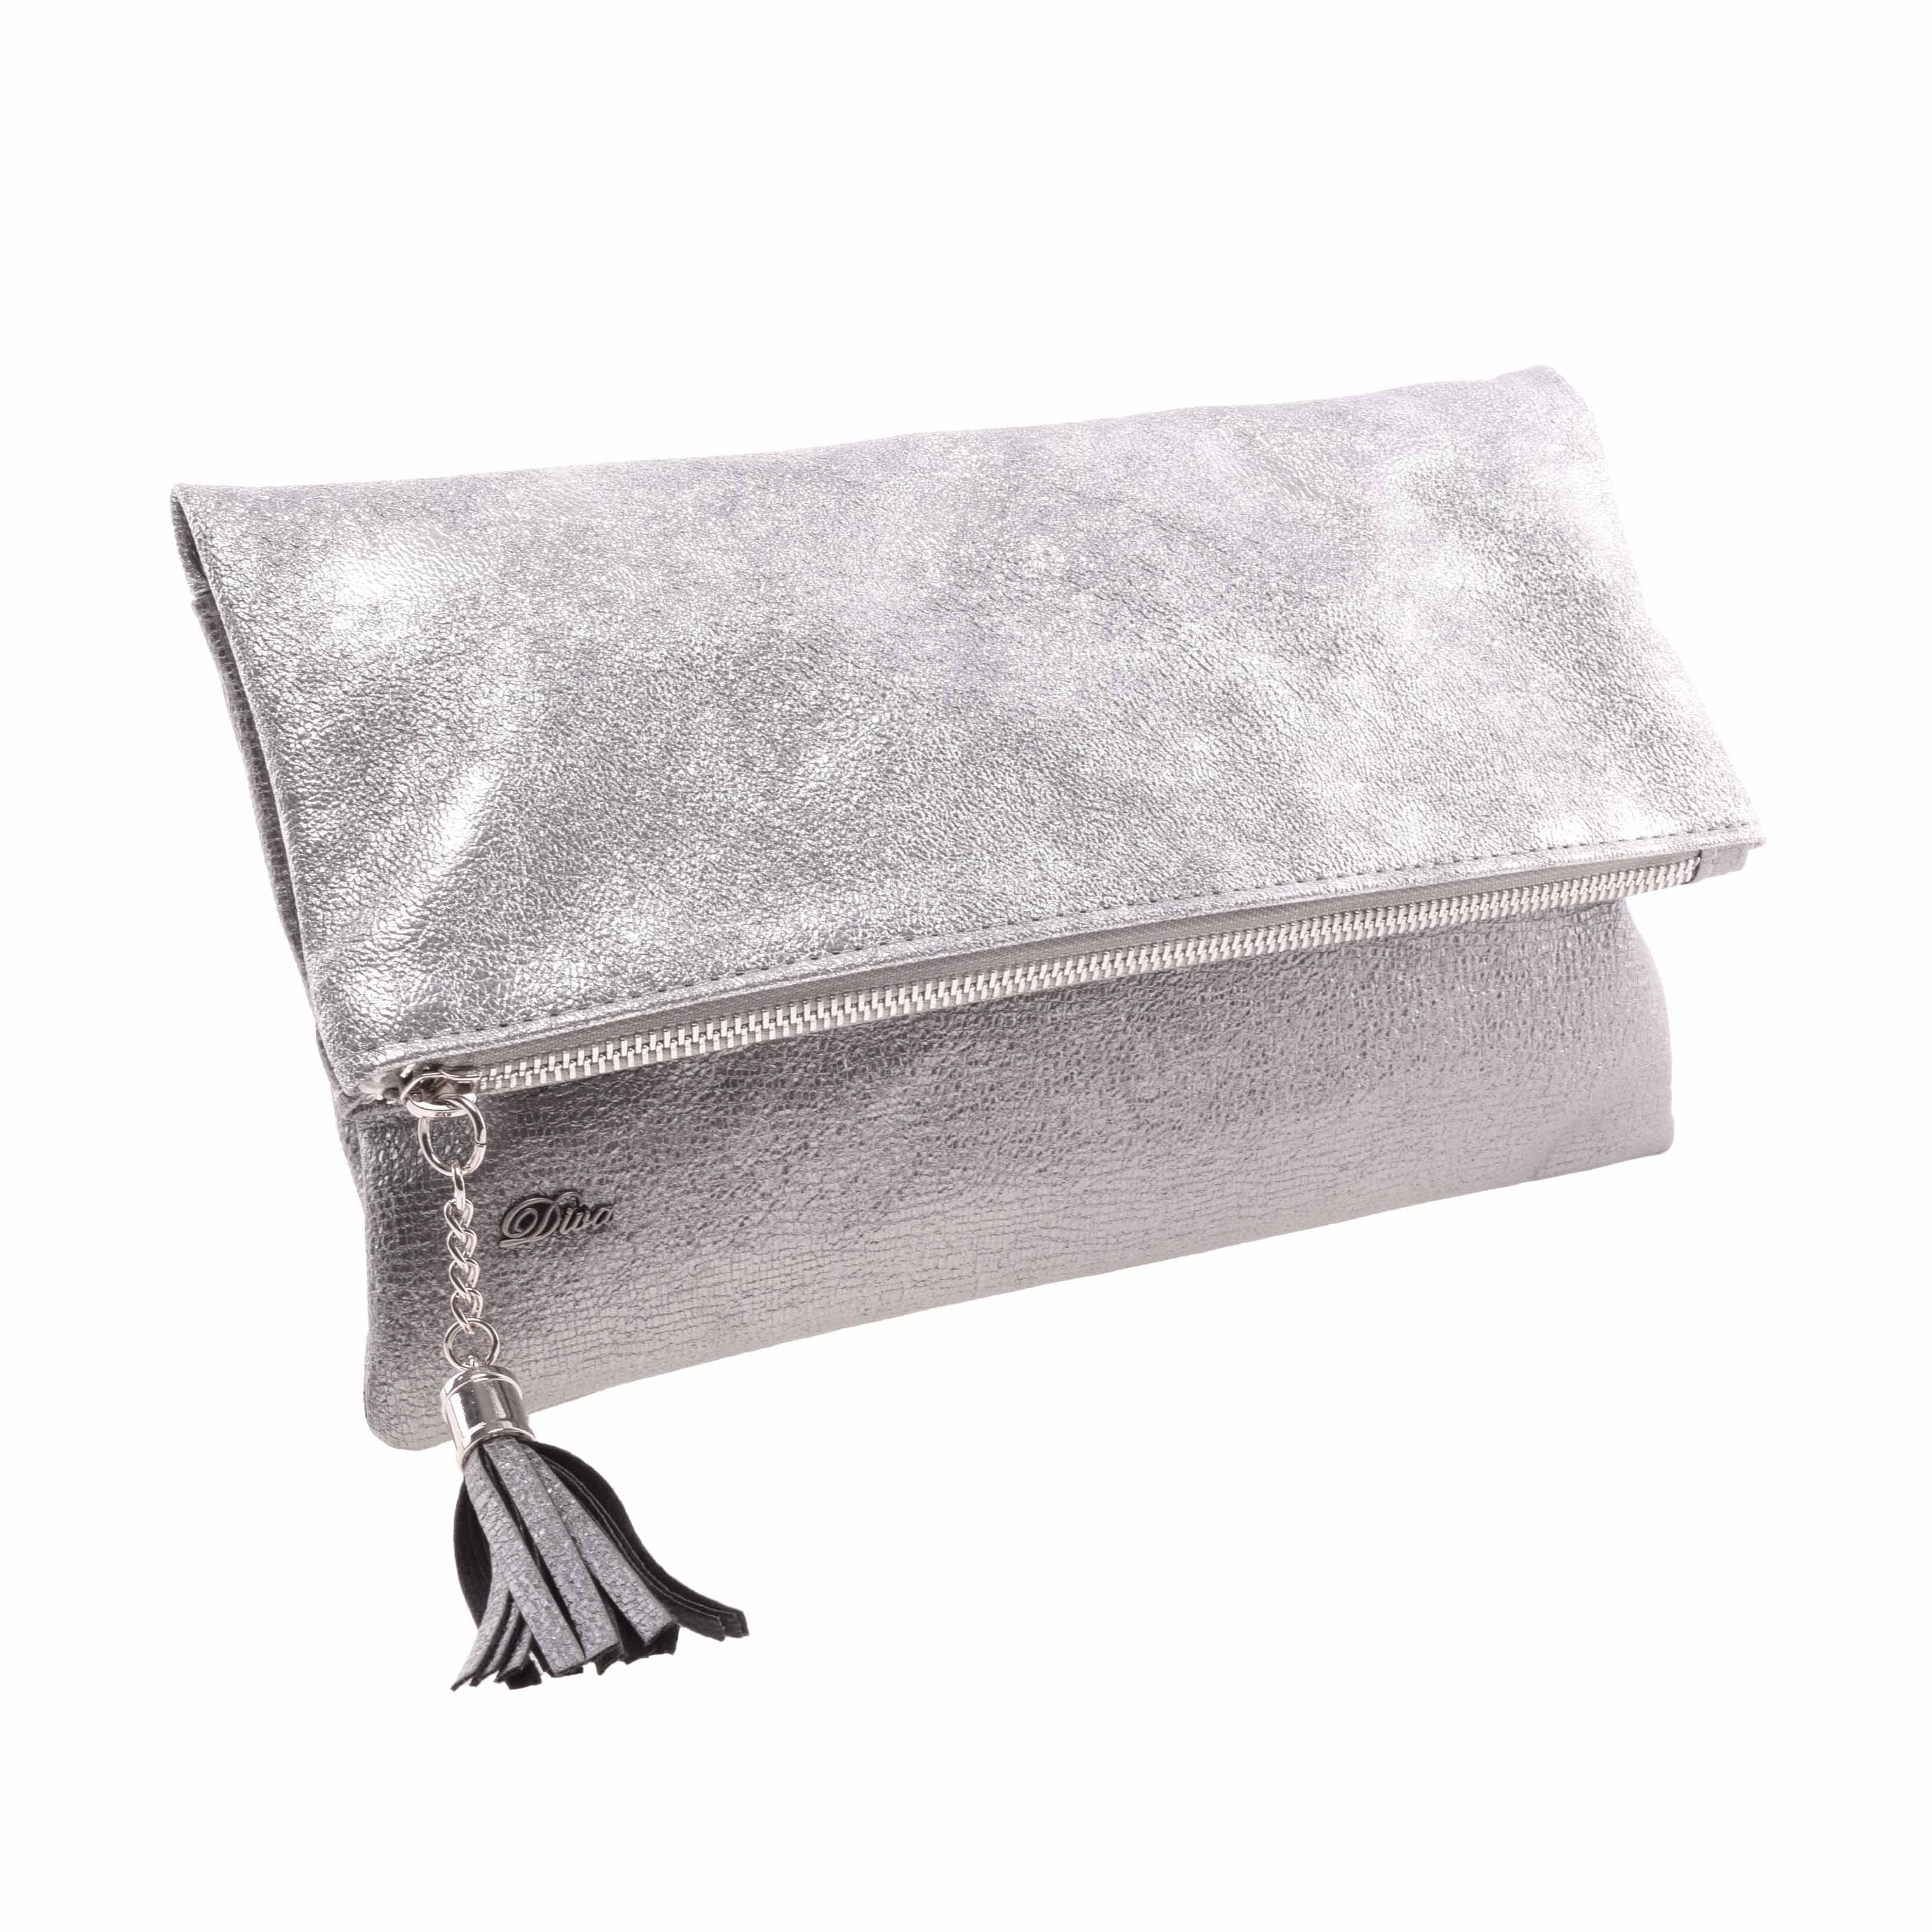 10e8cbfd1bbd Diva Női Ezüst Rostbőr Kézításka - Kézitáskák - Táska webáruház - Minőségi  táskák mindenkinek